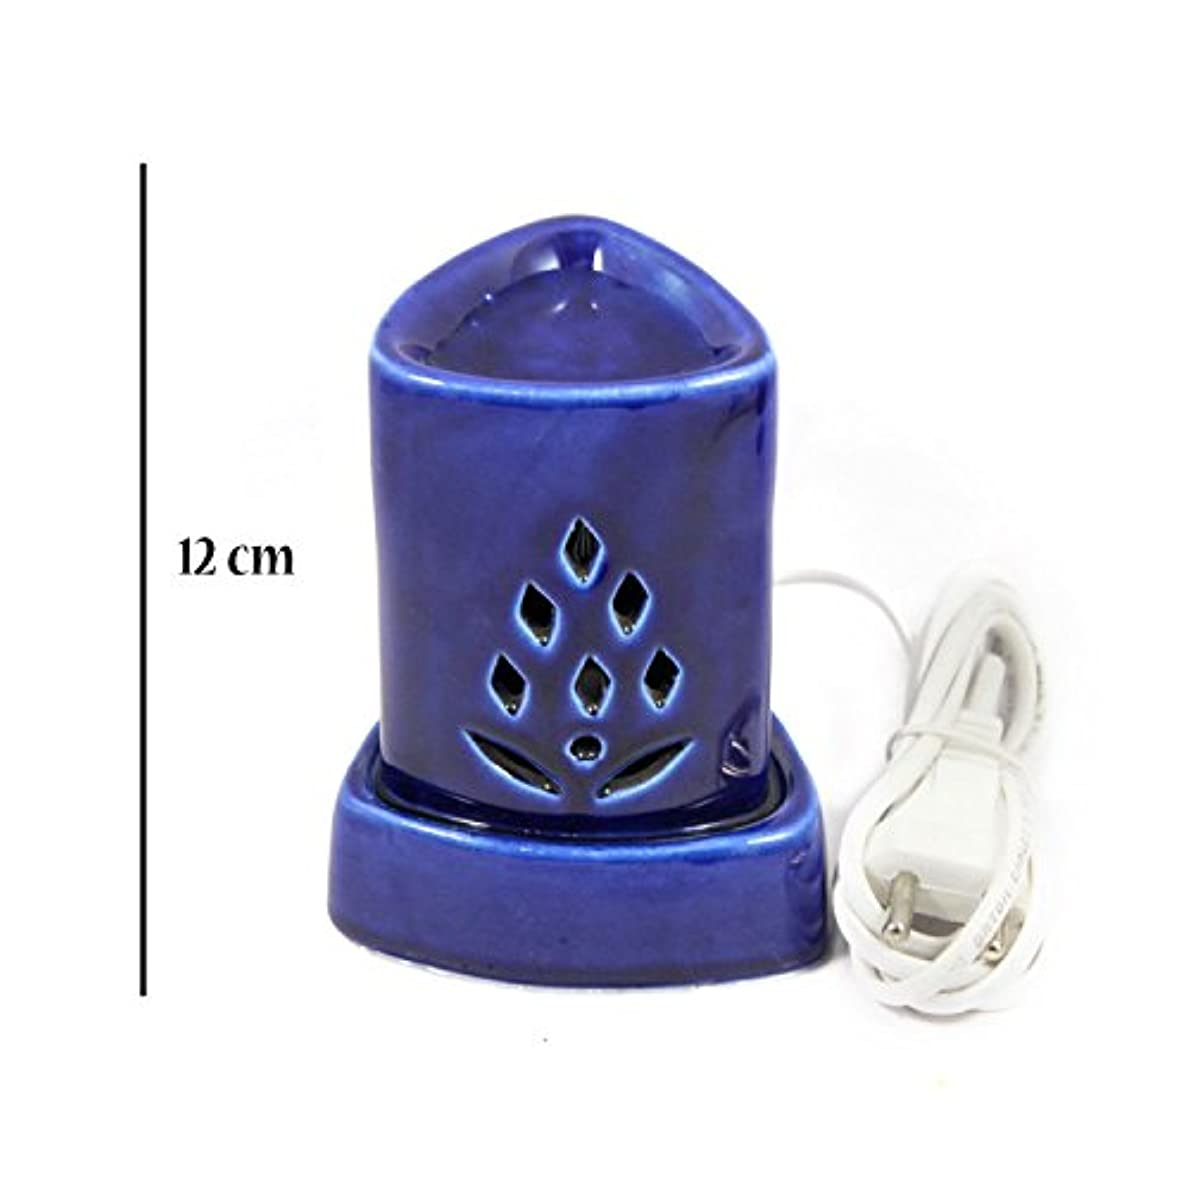 ネズミ個性怪しいインドホームインテリア定期的な使用法汚染フリーハンドメイドセラミック粘土電気アロマオイルバーナー&ティーライトランプ/良質ホワイトカラー電気アロマオイルバーナーまたはアロマオイルディフューザー数量1